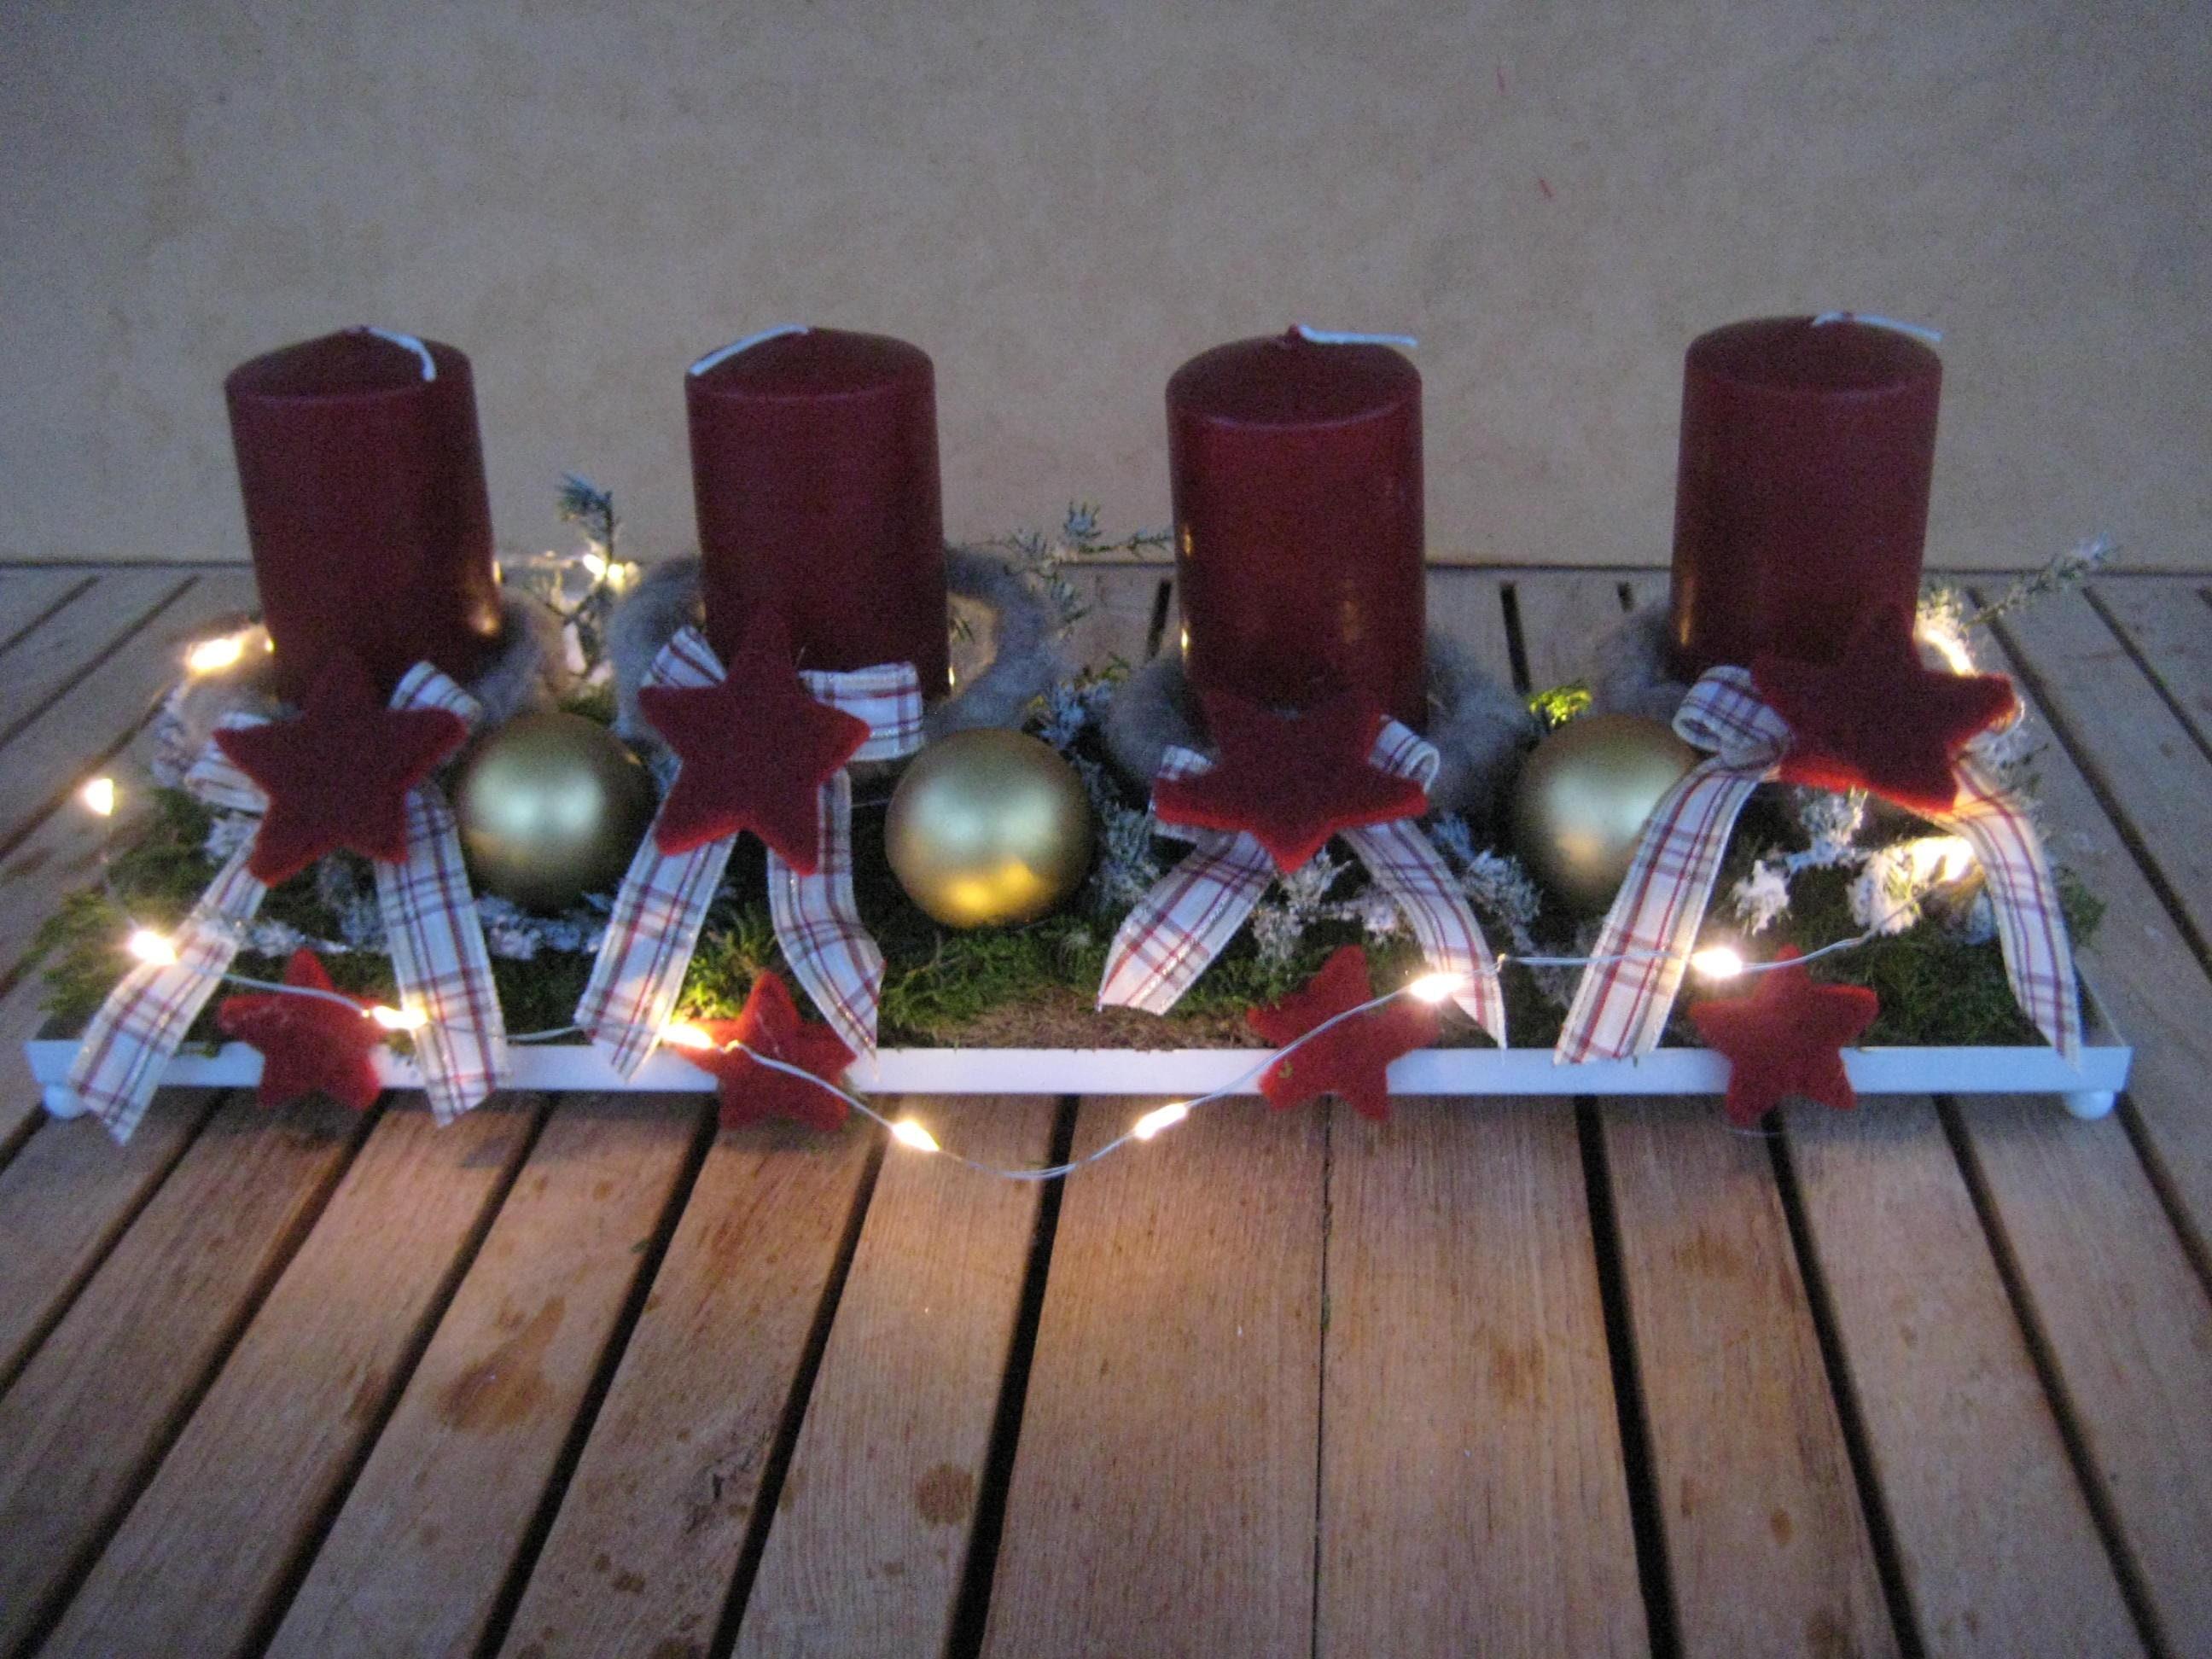 wiederverwendbarer led adventskranz mit kerzen weihnachten. Black Bedroom Furniture Sets. Home Design Ideas